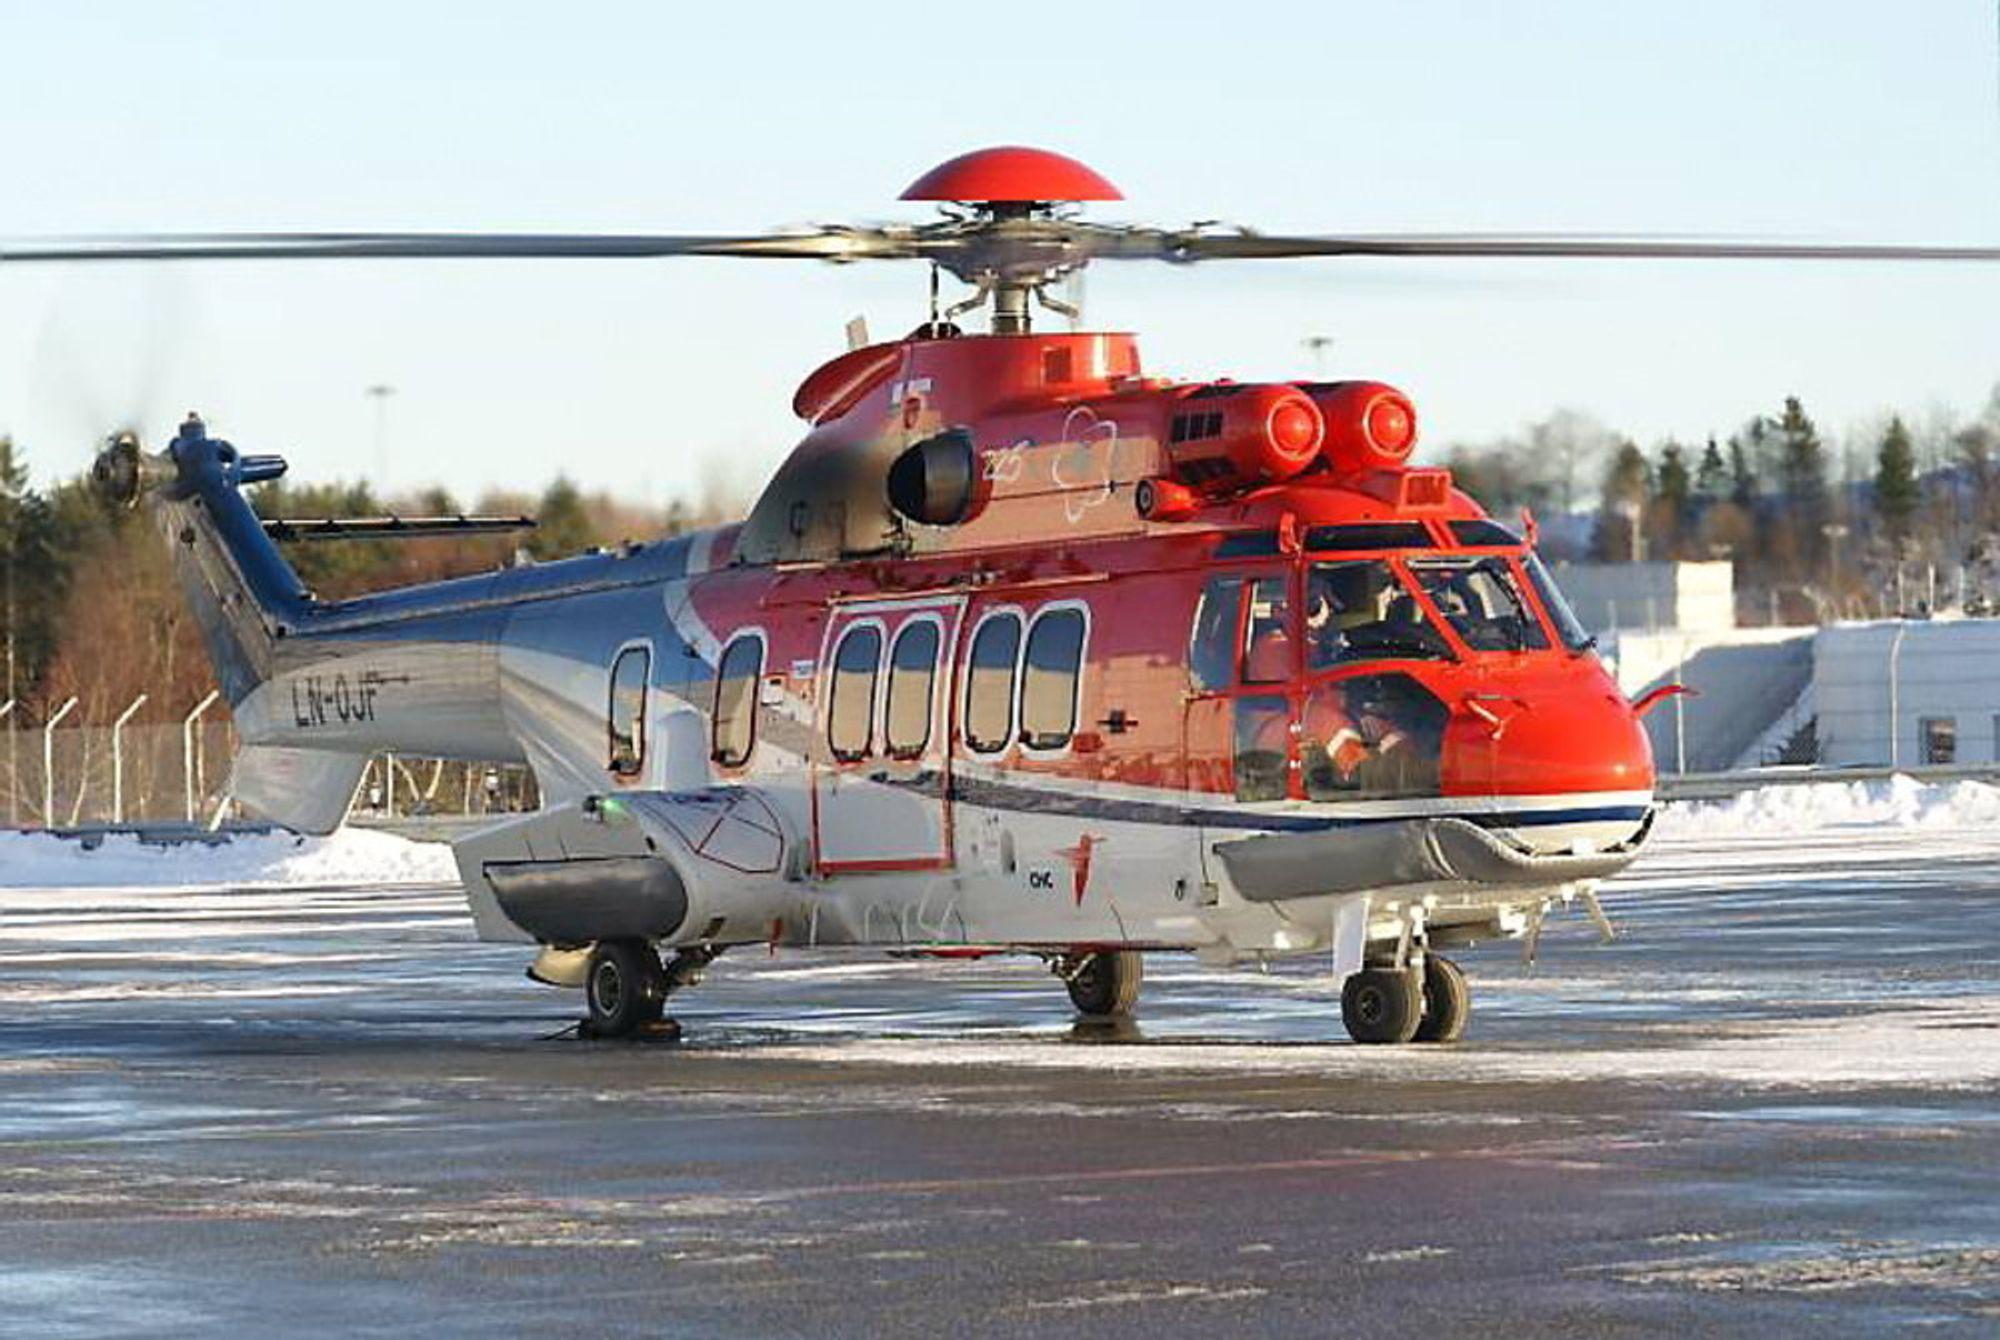 Det var dette helikopteret, et EC225 Super Puma med registreringsnummer LN-OJF, som havarerte 29. april.